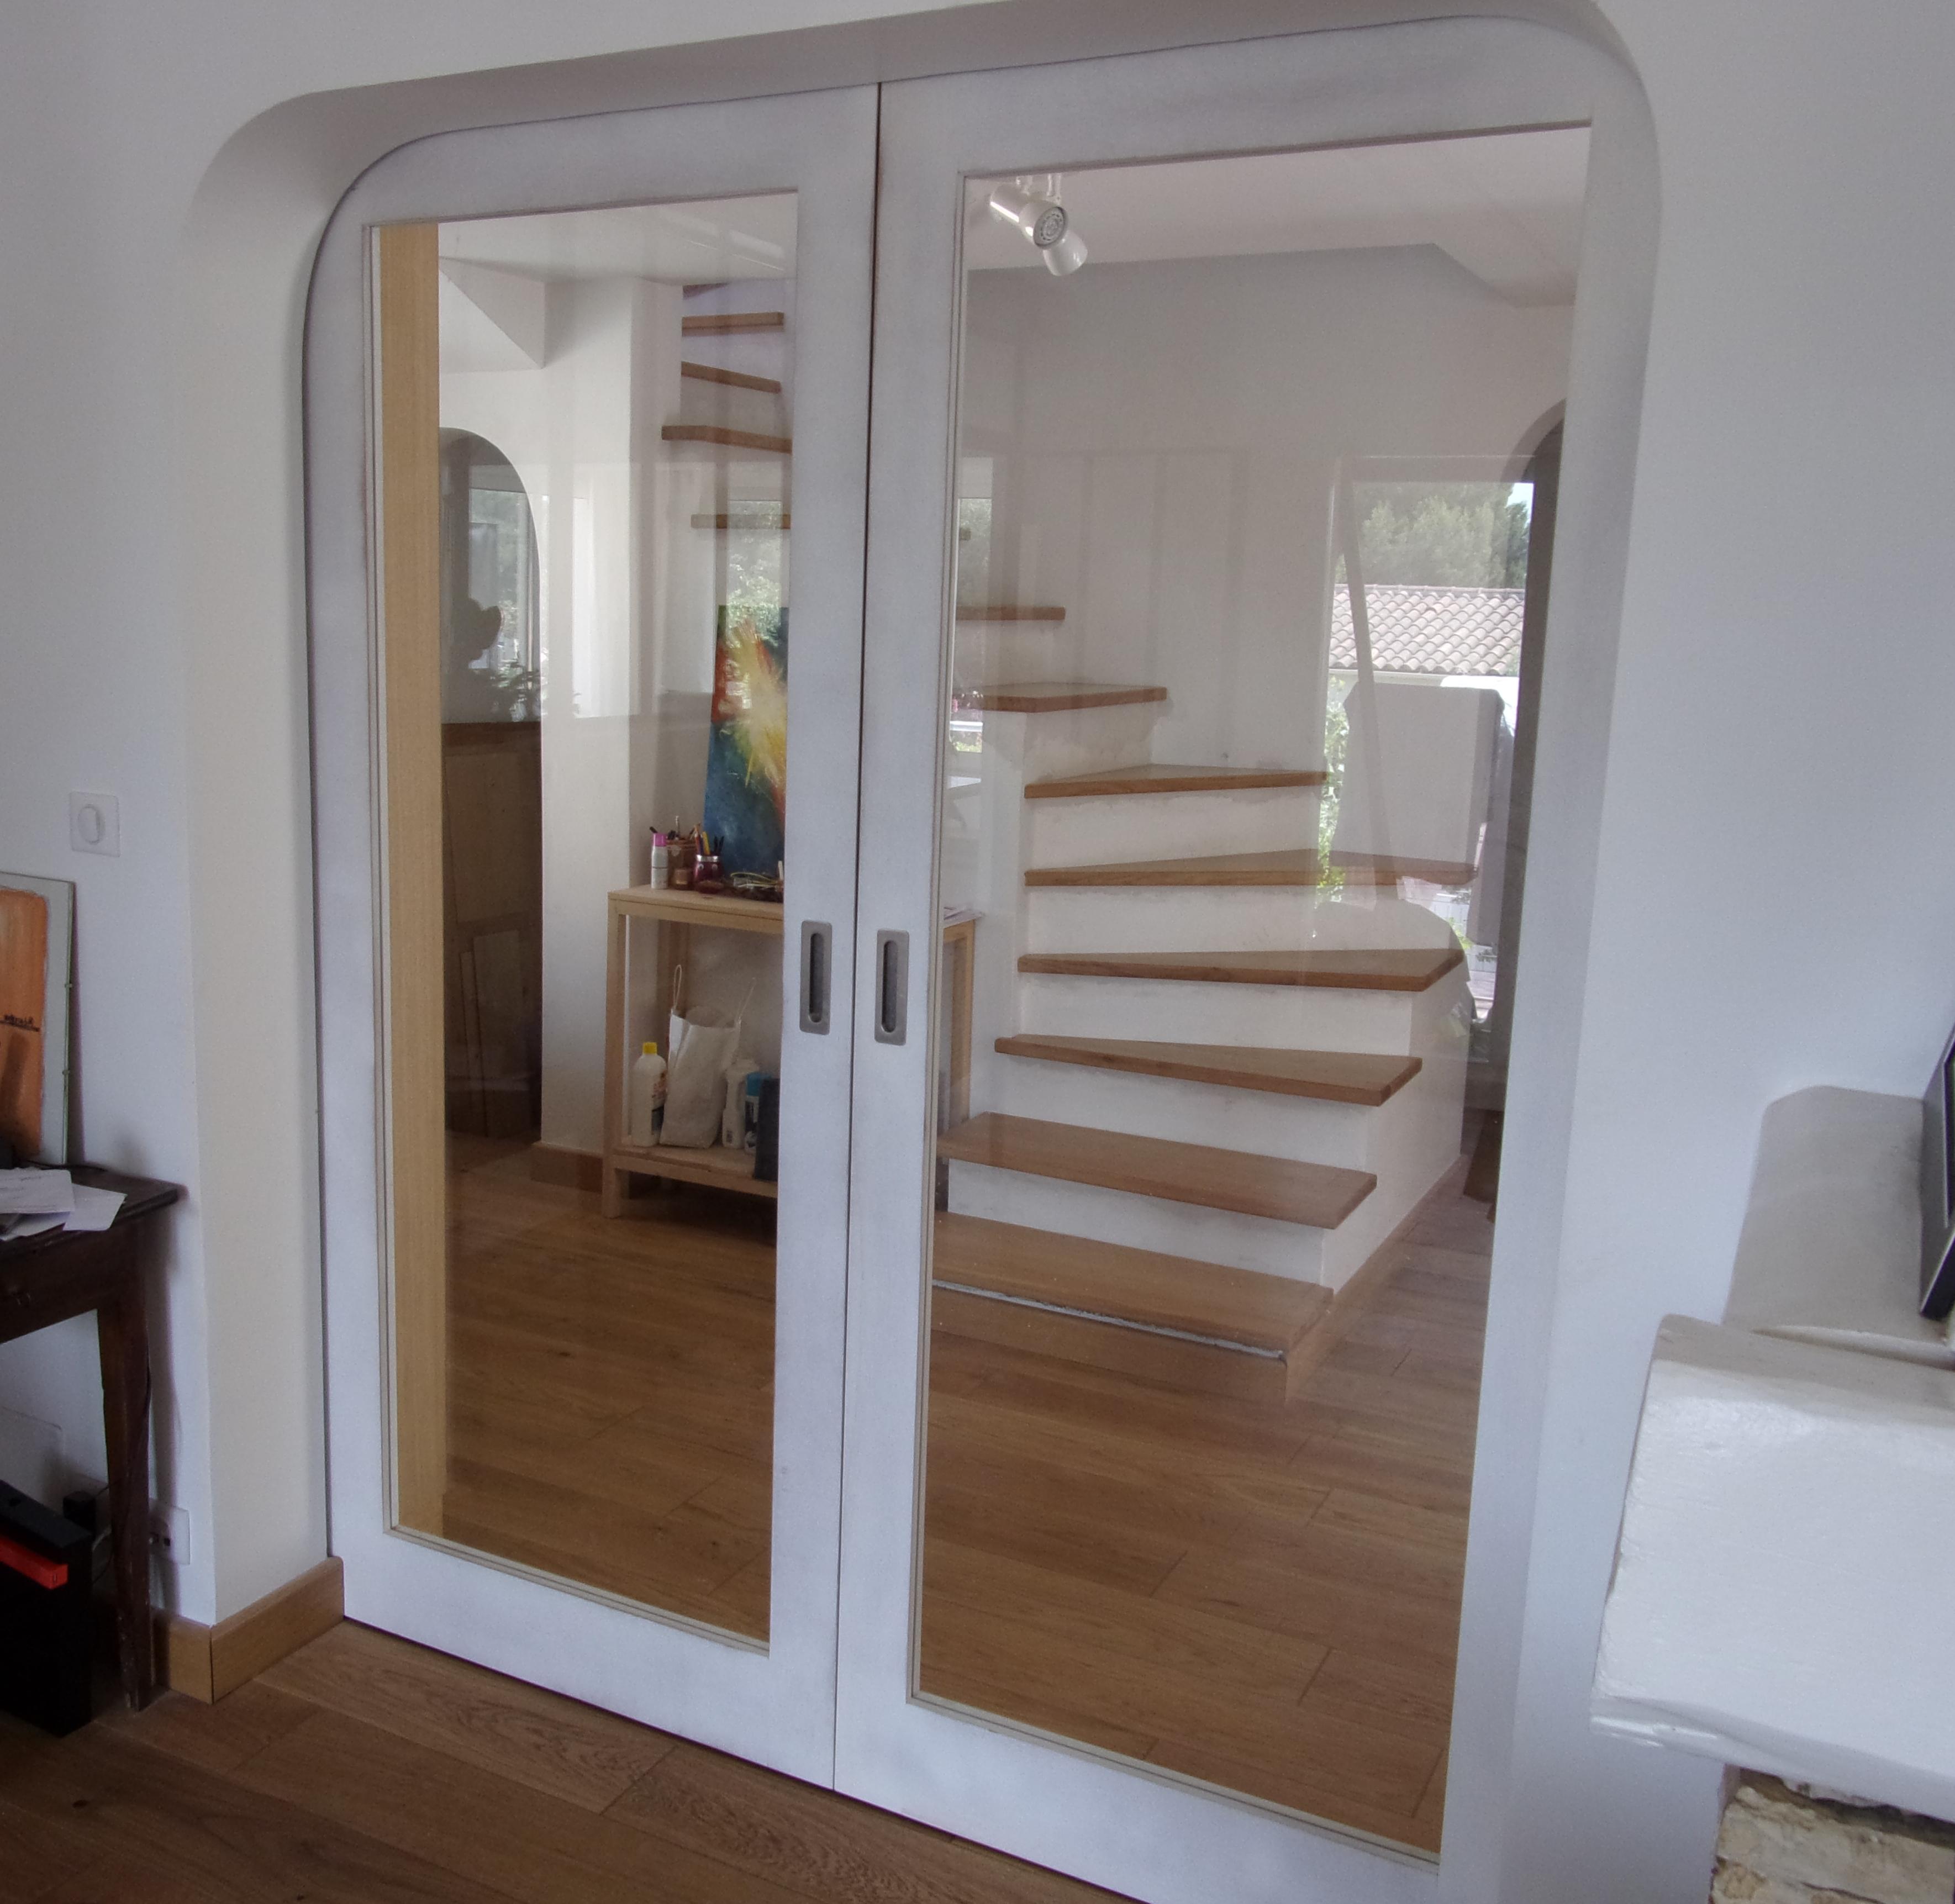 Plan Porte À Galandage portes coulissantes vitrées avec galandage bibliothèque